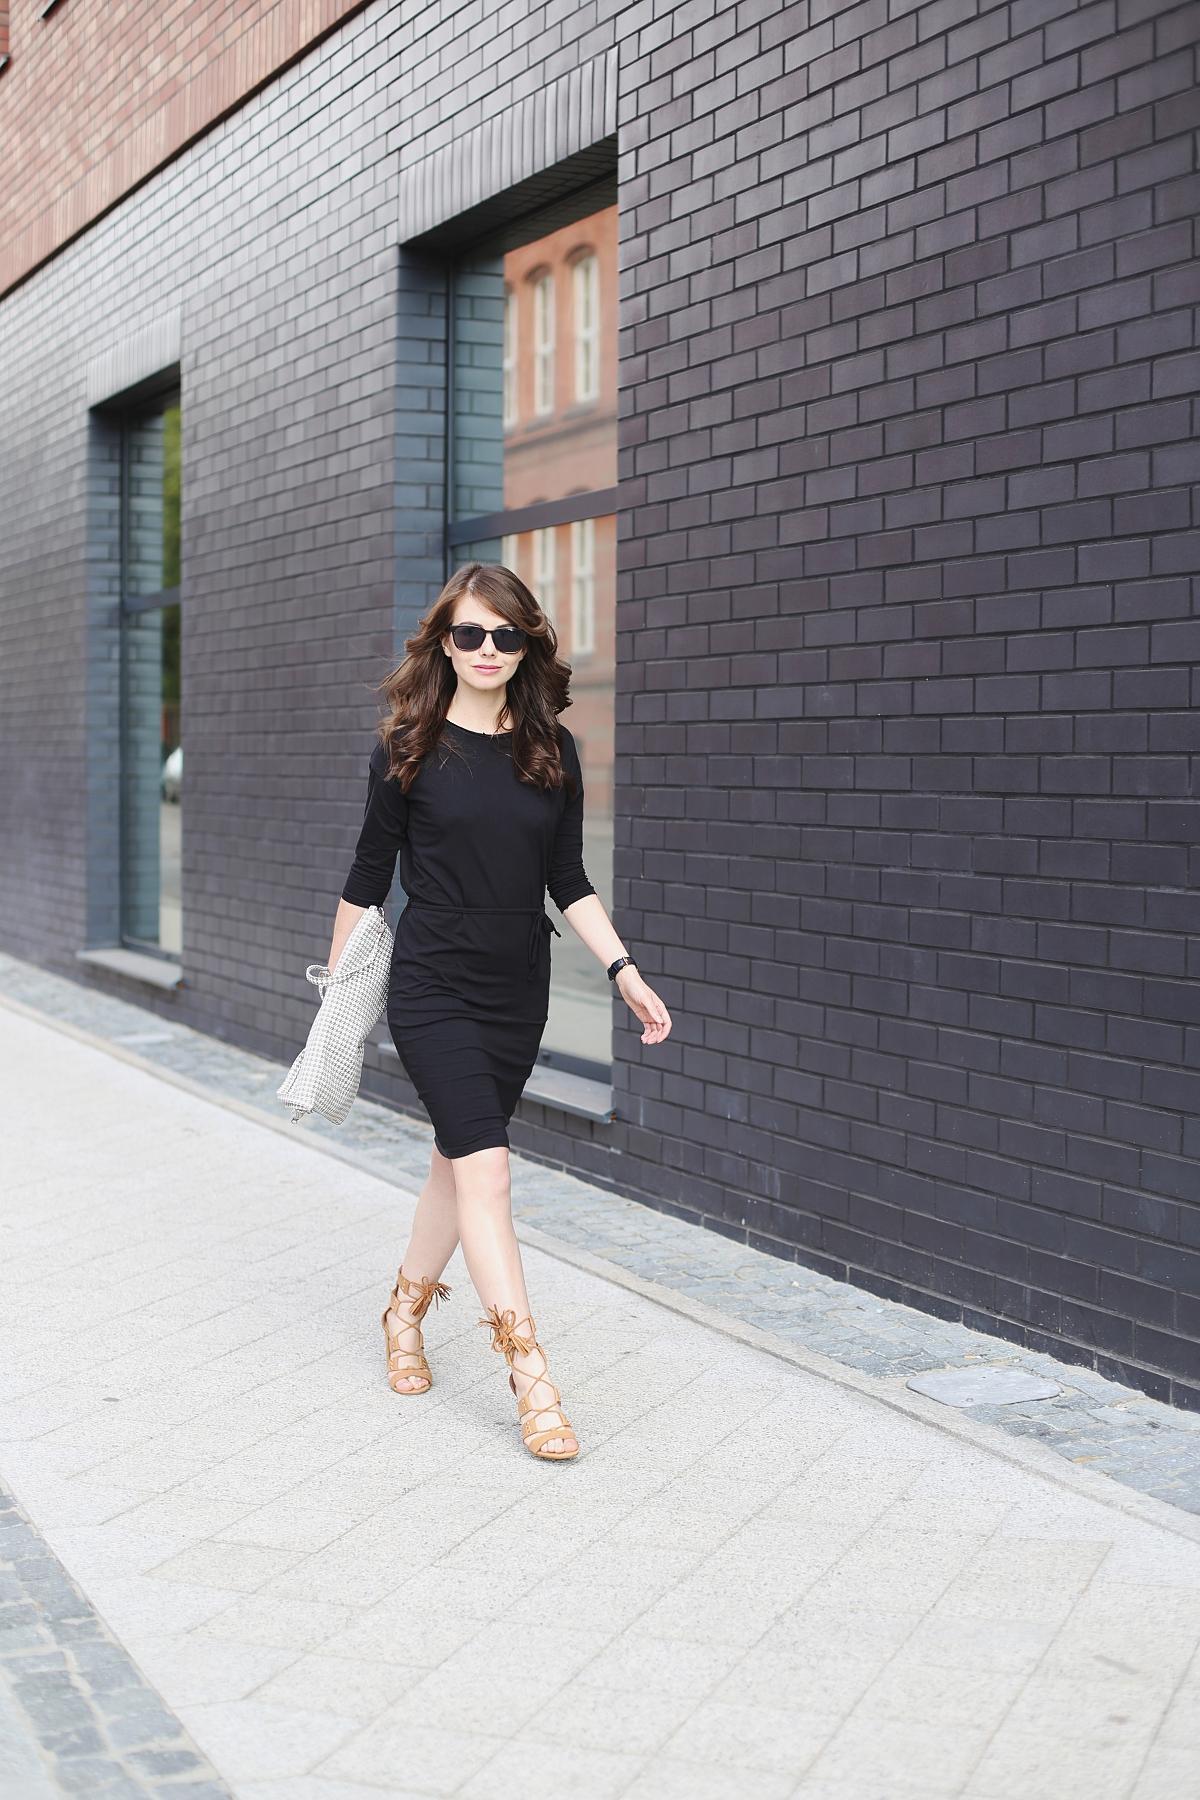 Street style - klasyka i minimalizm